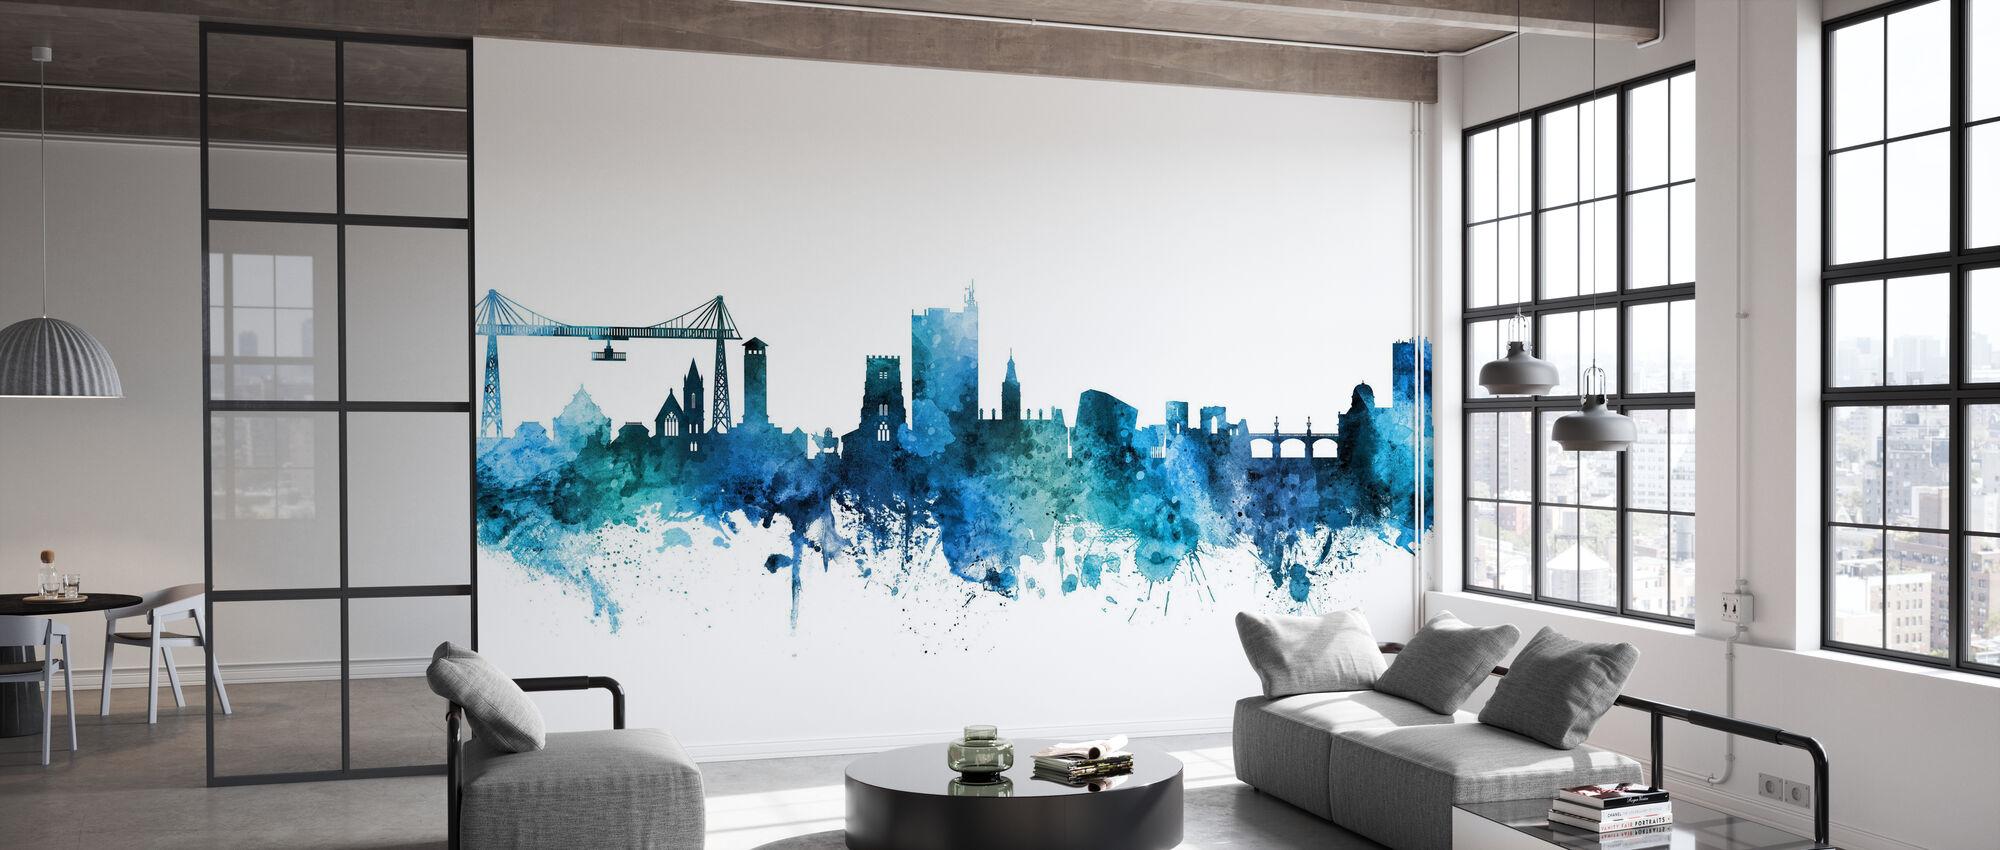 Newport Wales Skyline - Wallpaper - Office